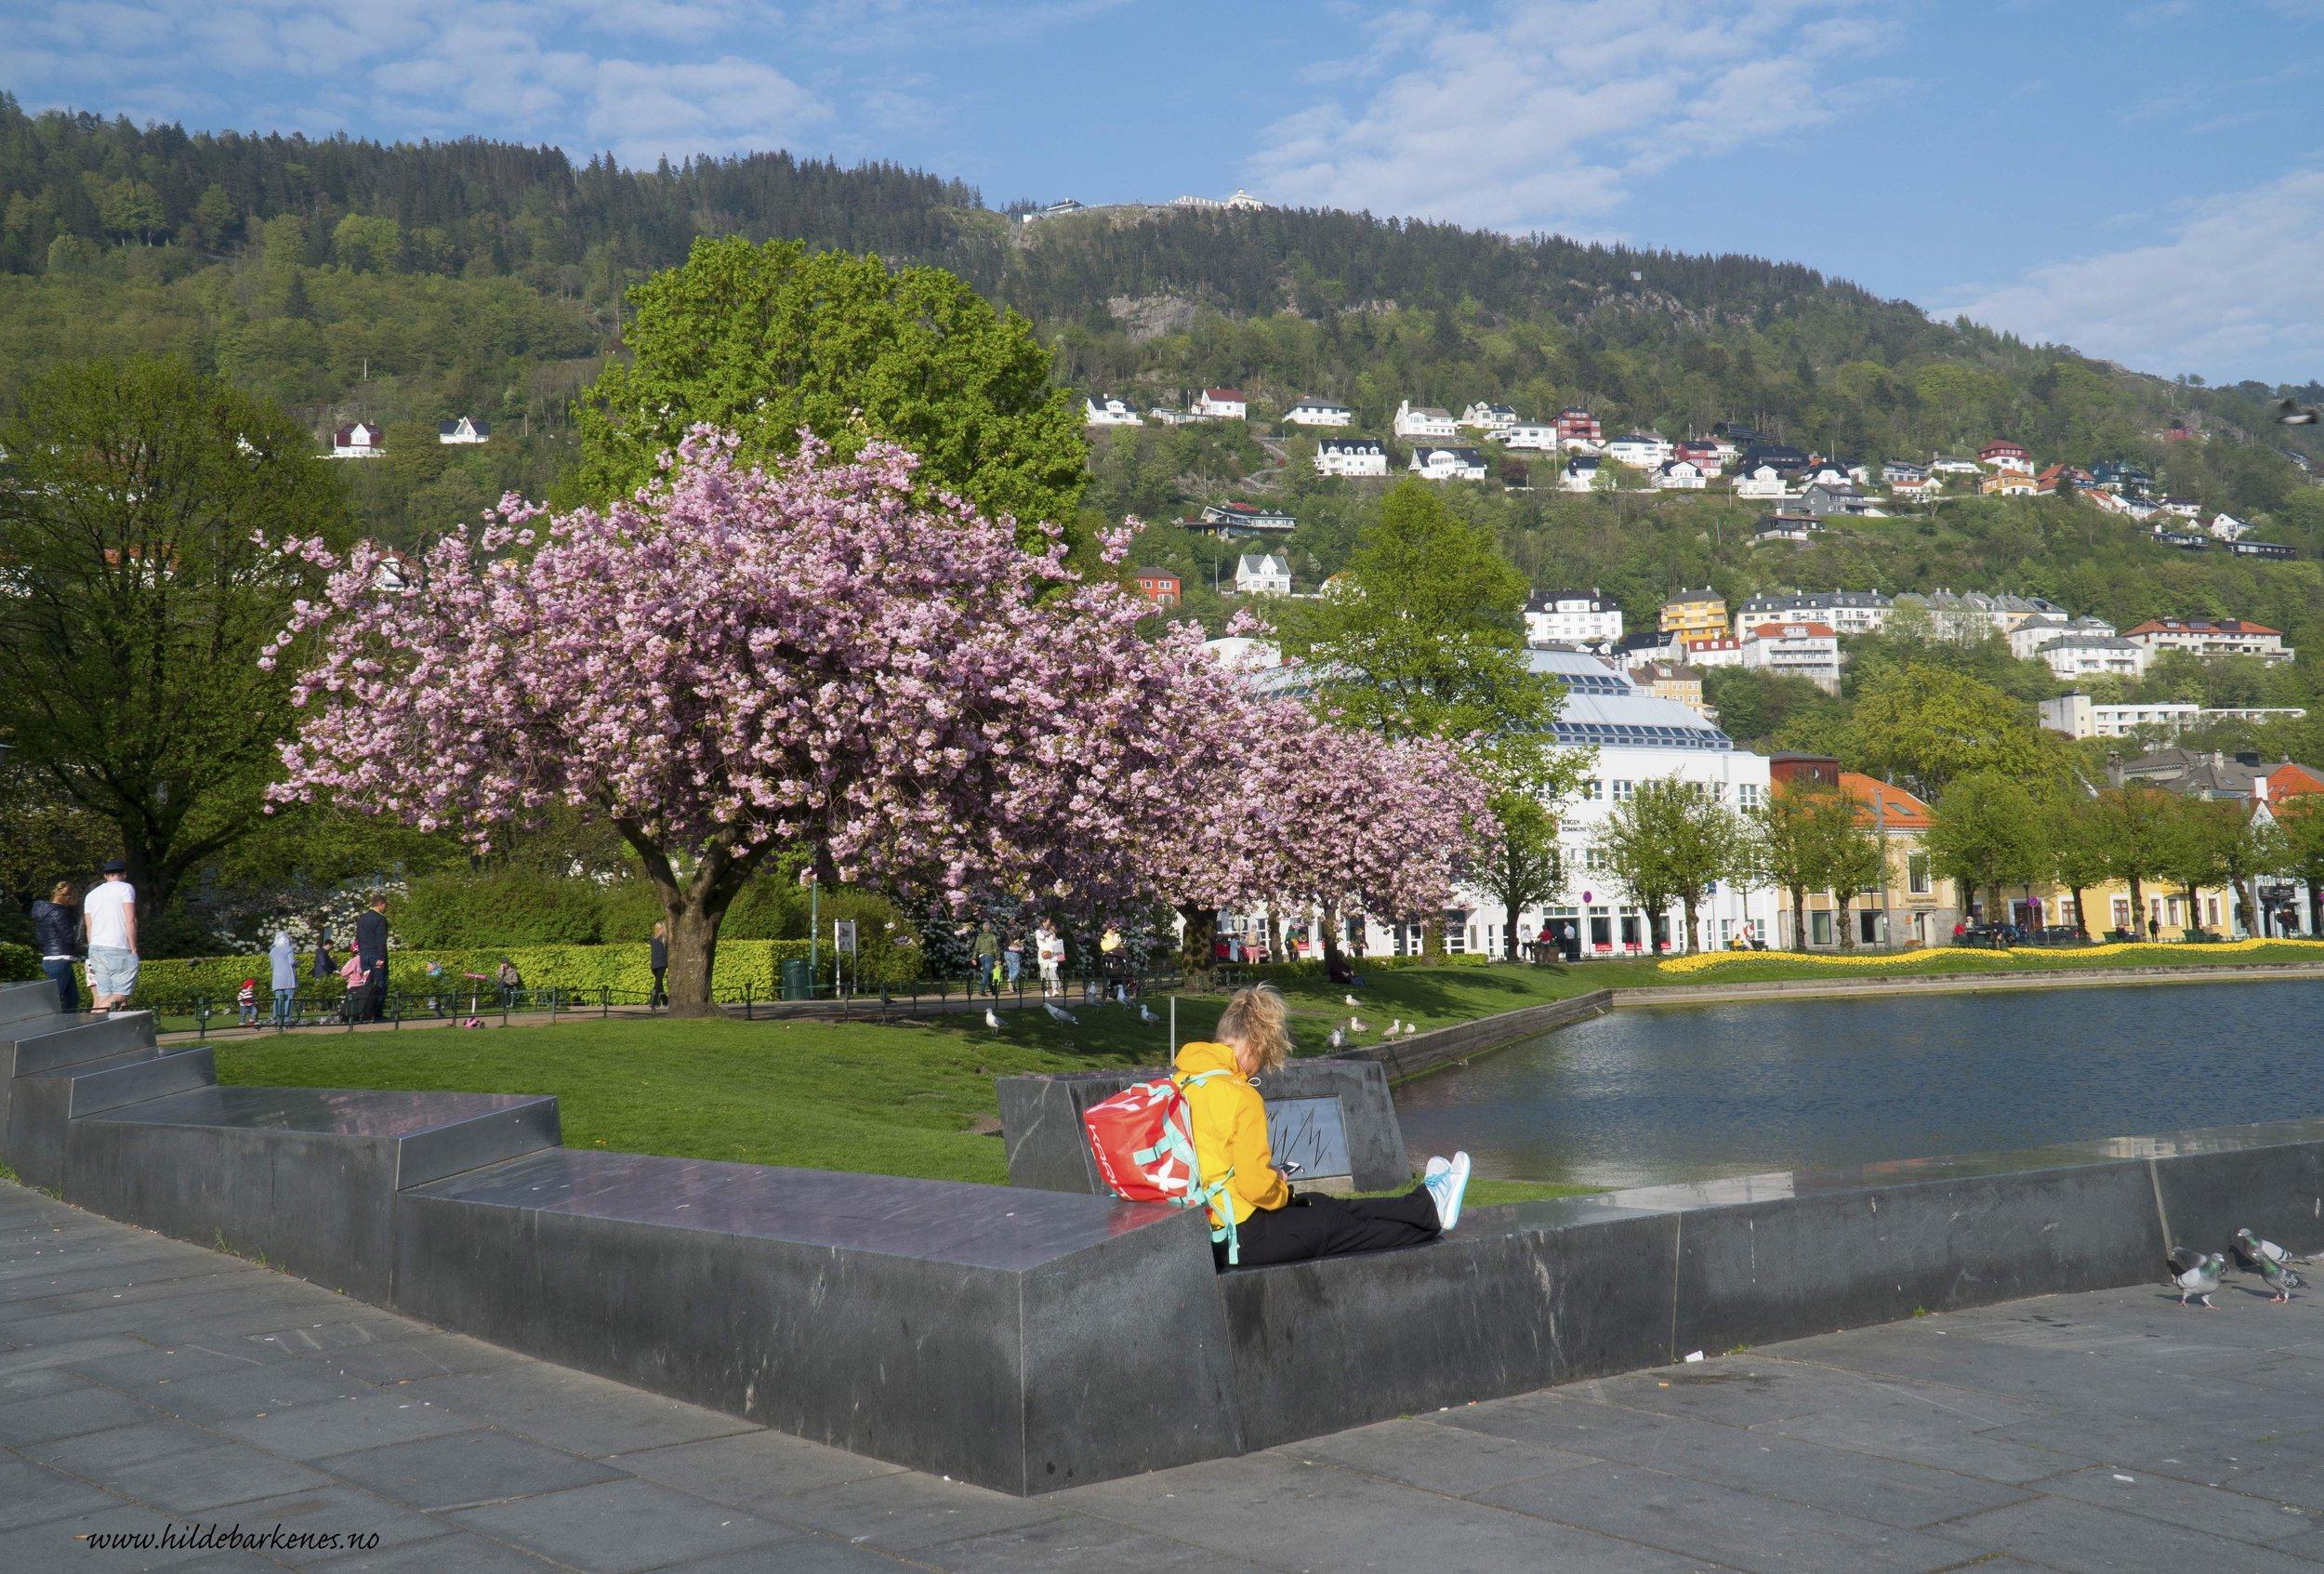 BergenHildeBarkenes9.jpg